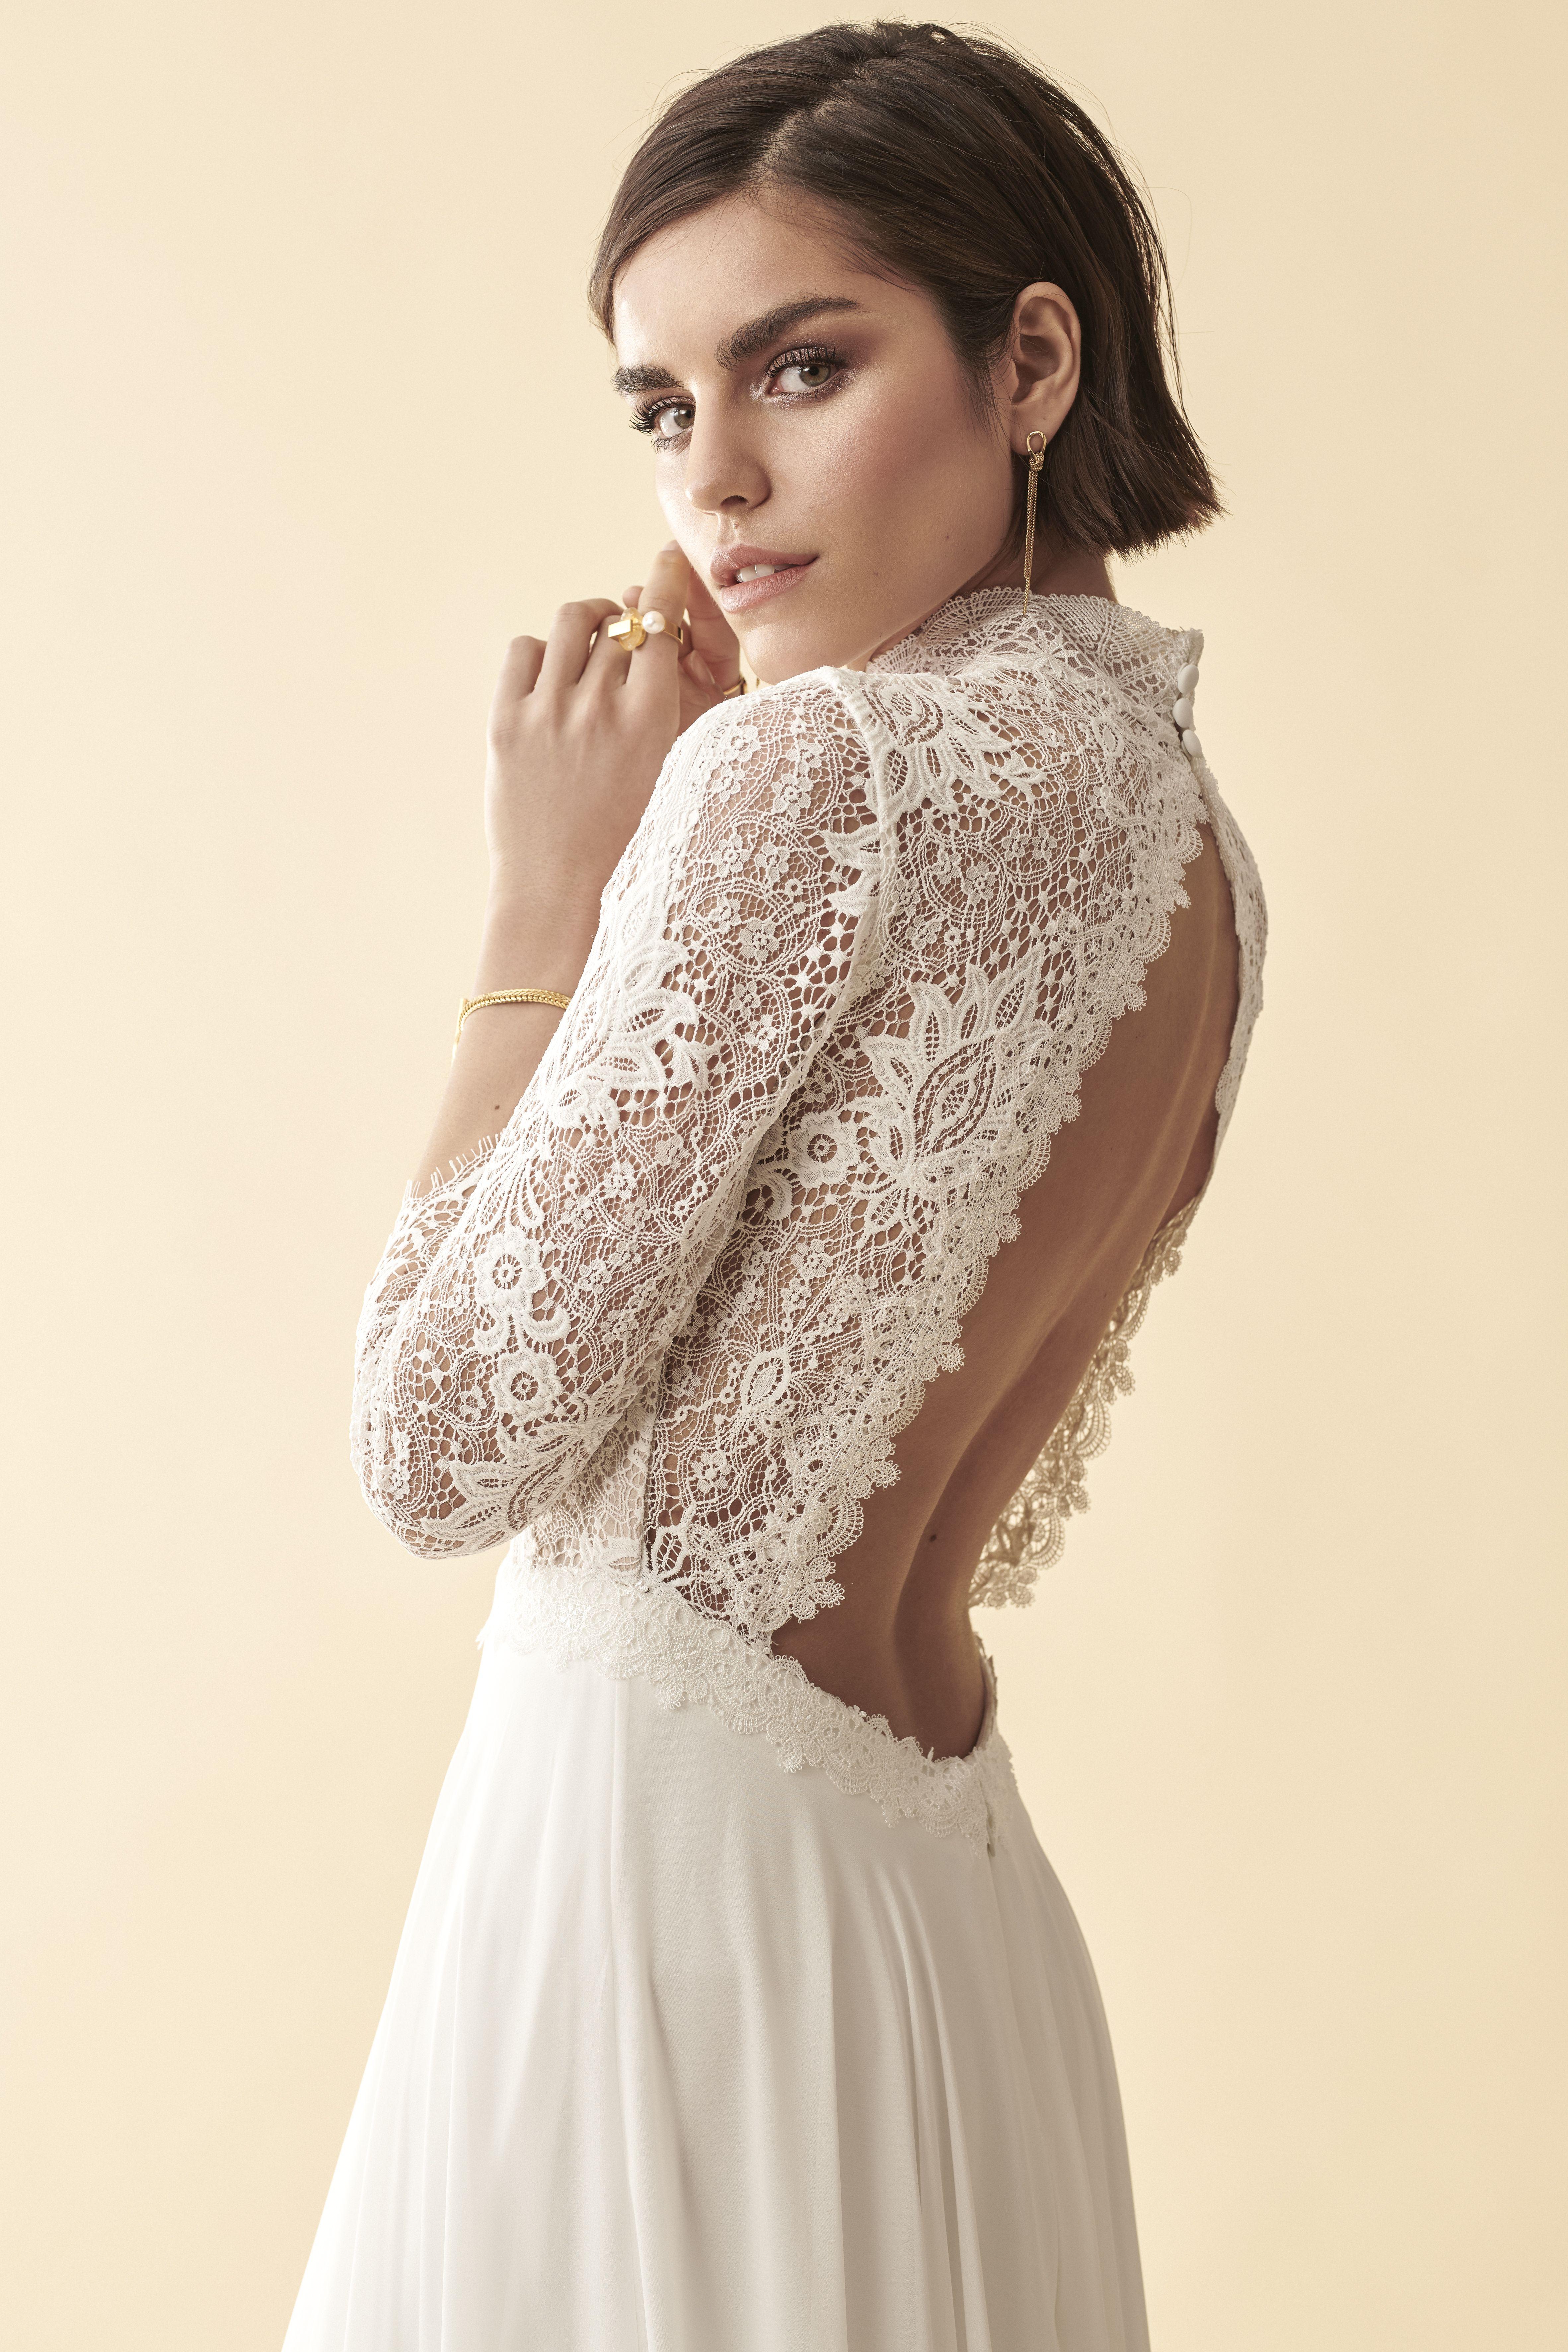 Umwerfend schönes Boho-Brautkleid aus feinster Spitze mit ...